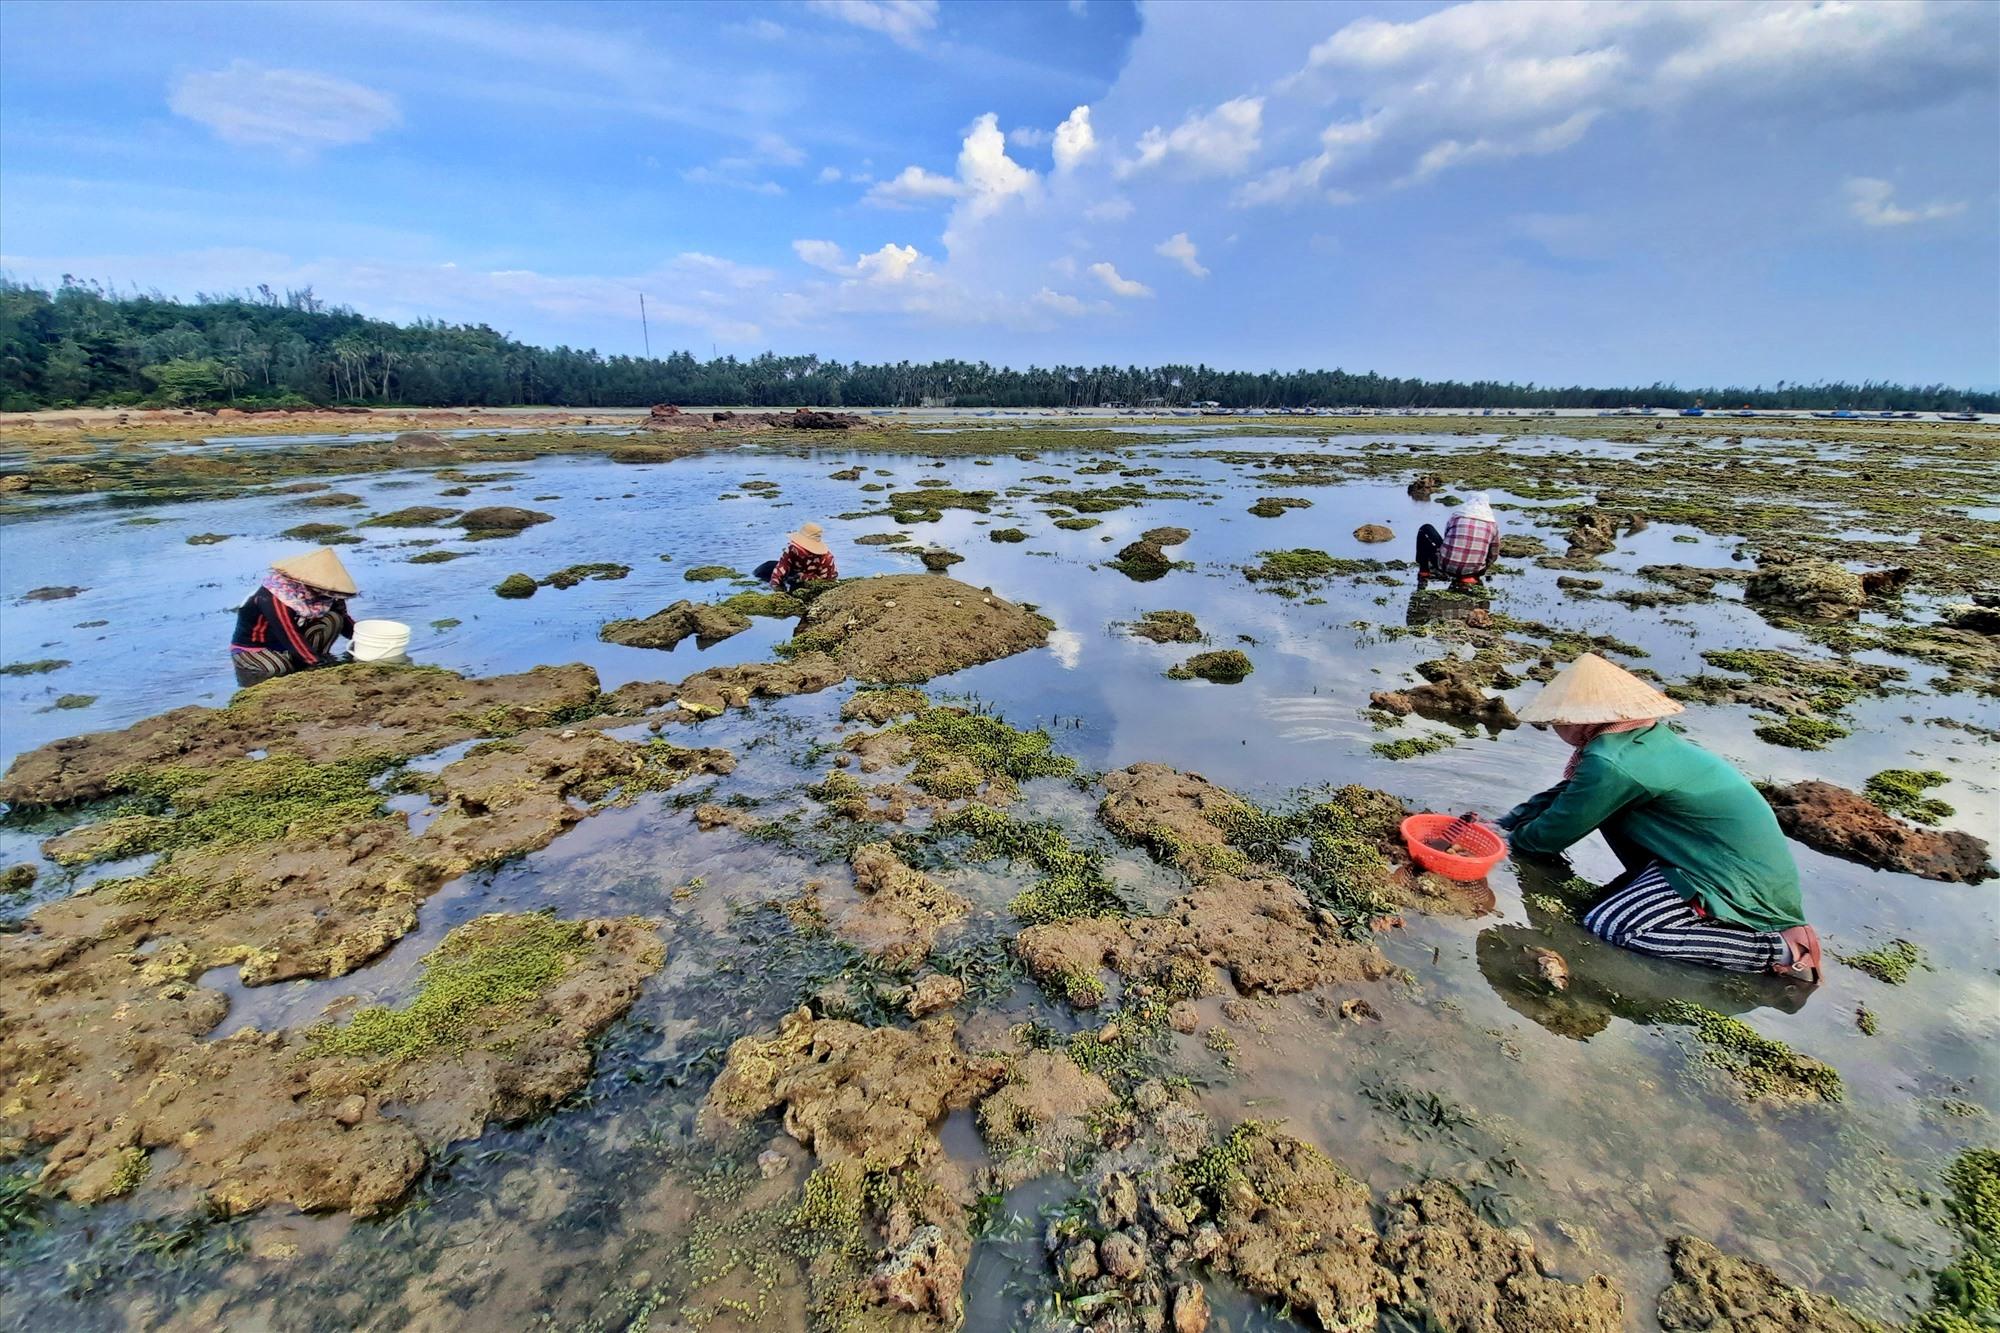 Khi con nước xuống, rạn đá san hô lộ ra cũng là lúc người cào nghêu bắt đầu công việc.